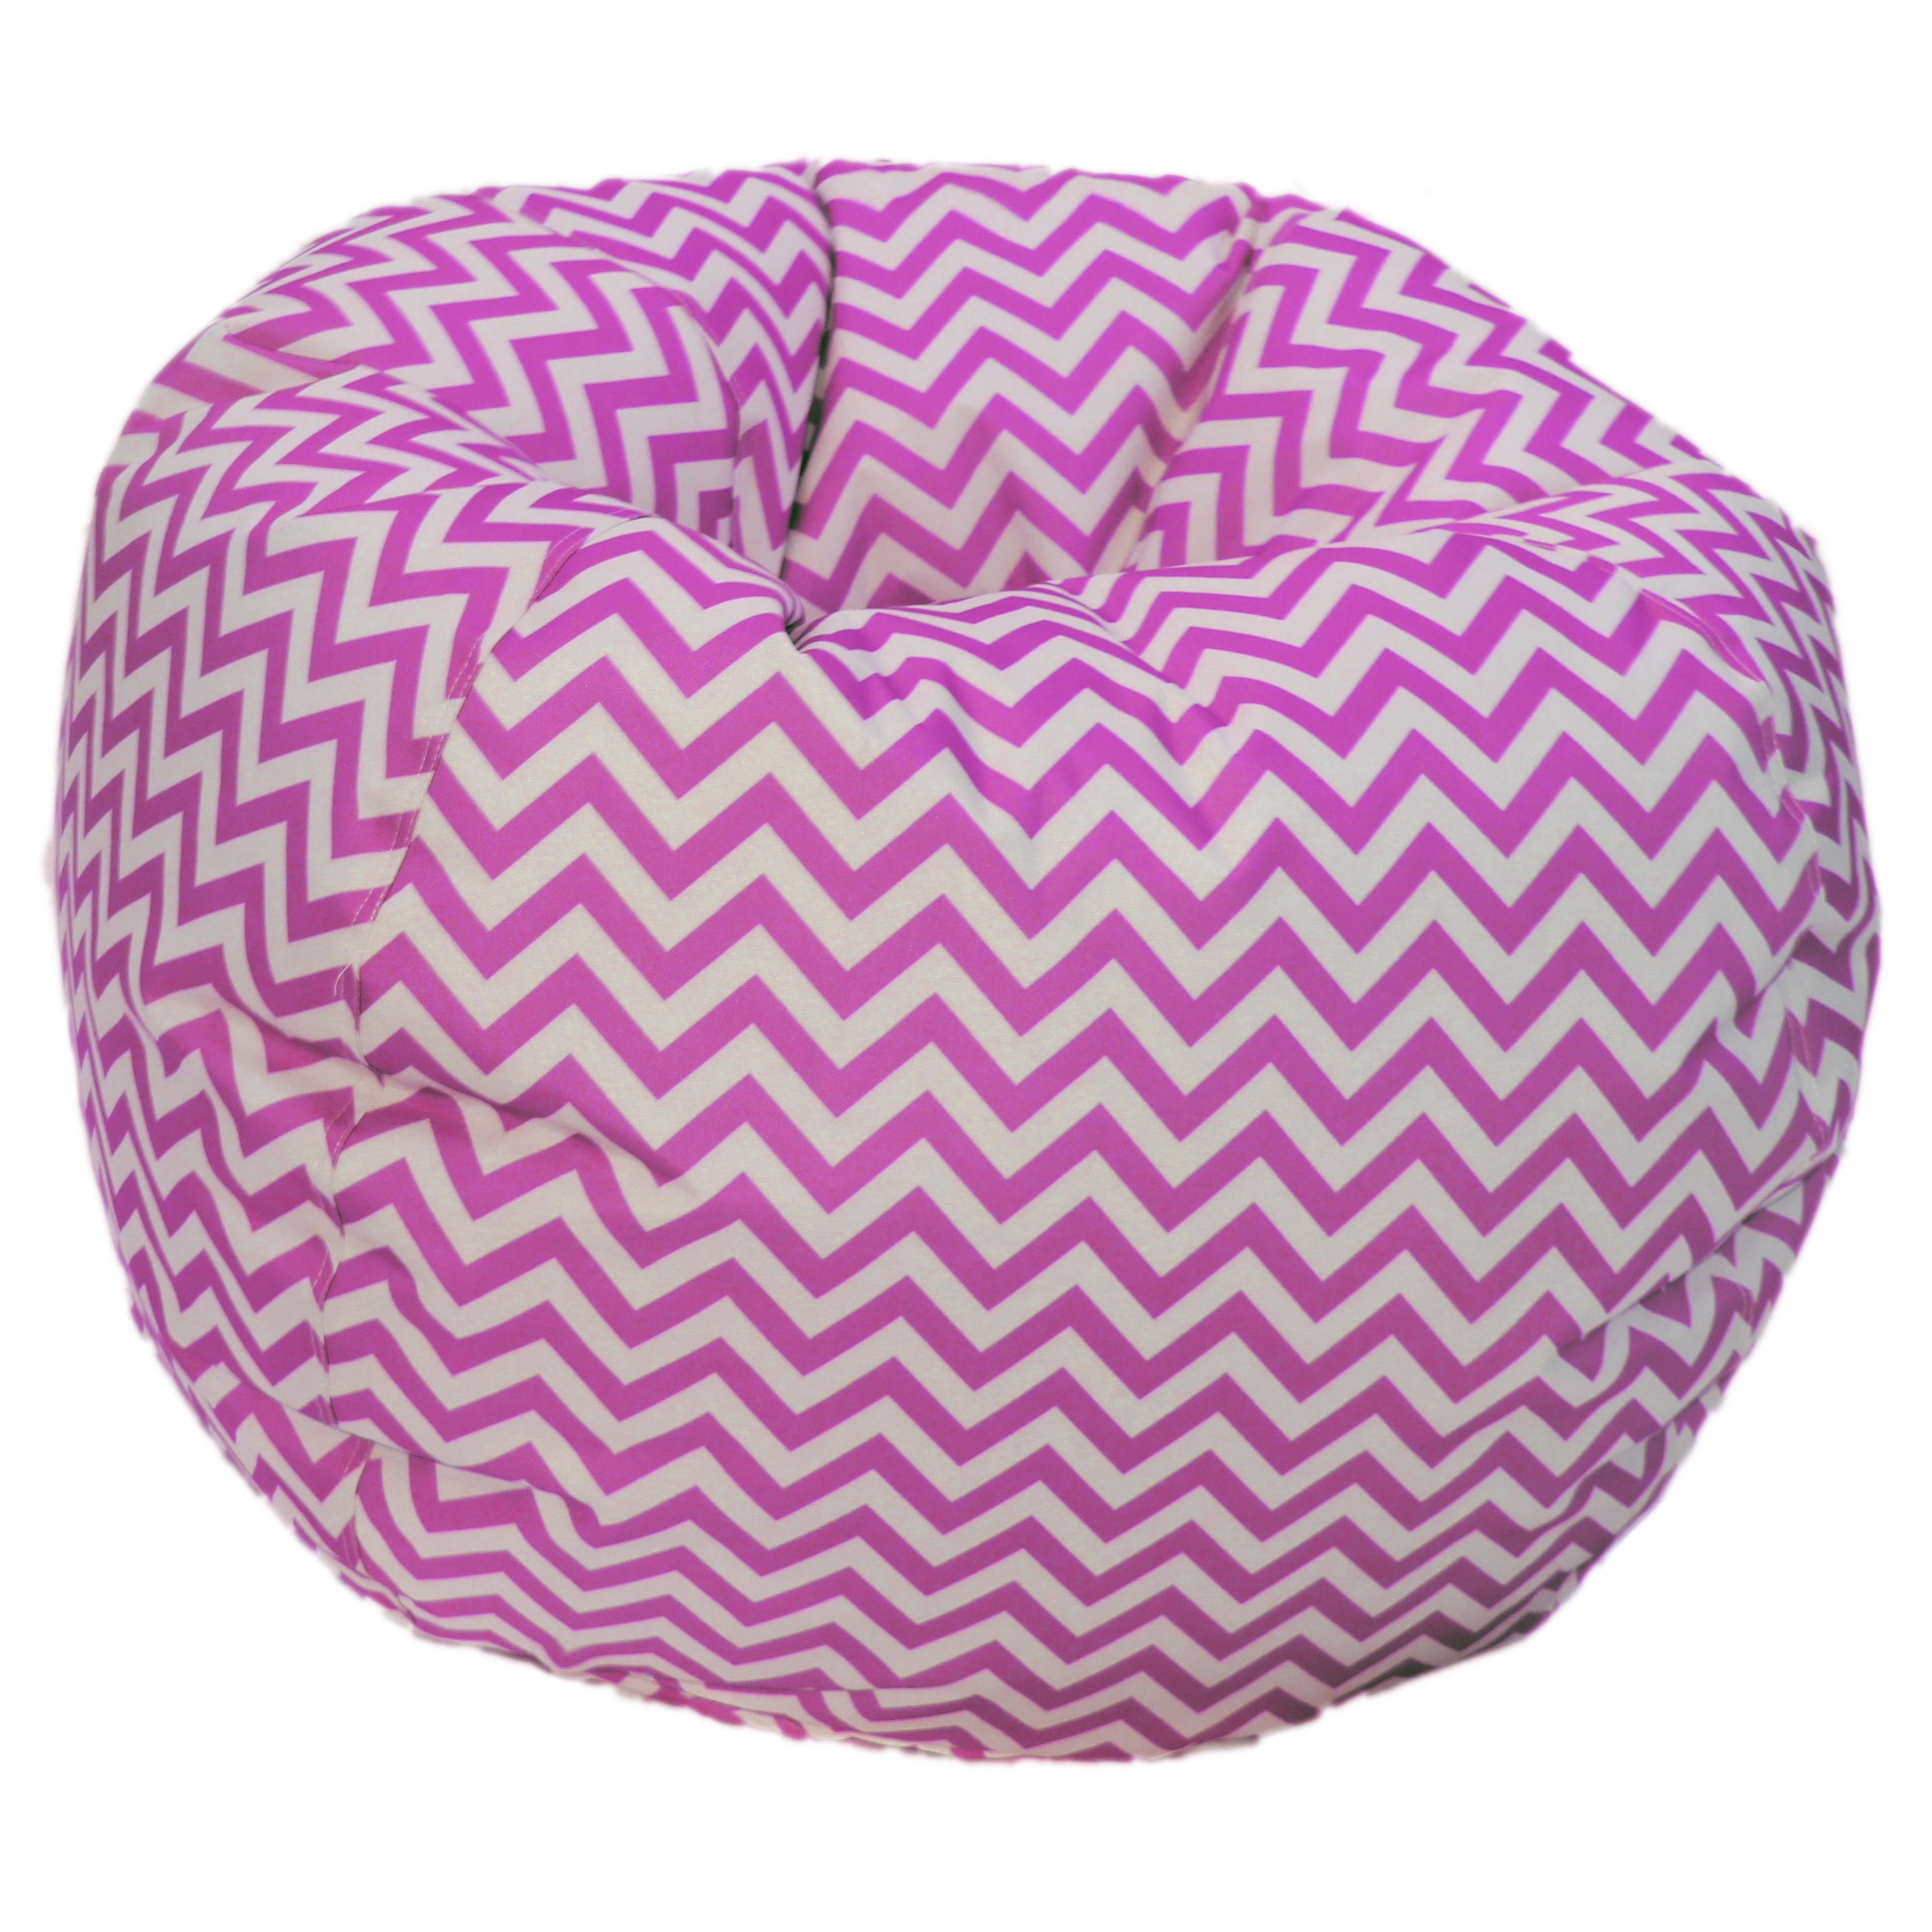 Beau Pink/ White Chevron Bean Bag Chair